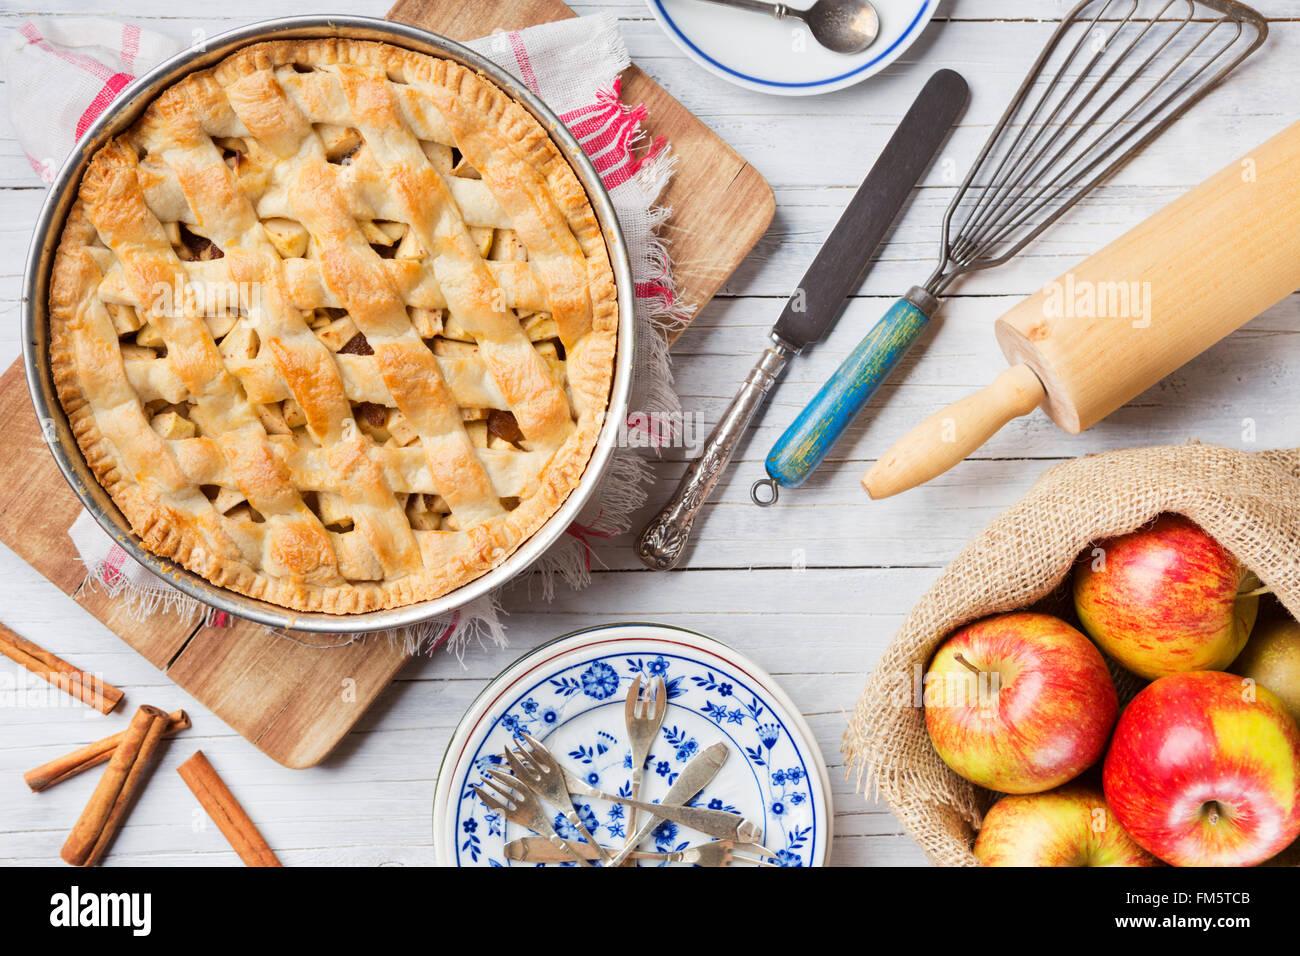 Hausgemachter Apfelkuchen Und Zutaten Auf Einem Rustikalen Tisch. Direkt  Von Oben Fotografiert. Stockbild